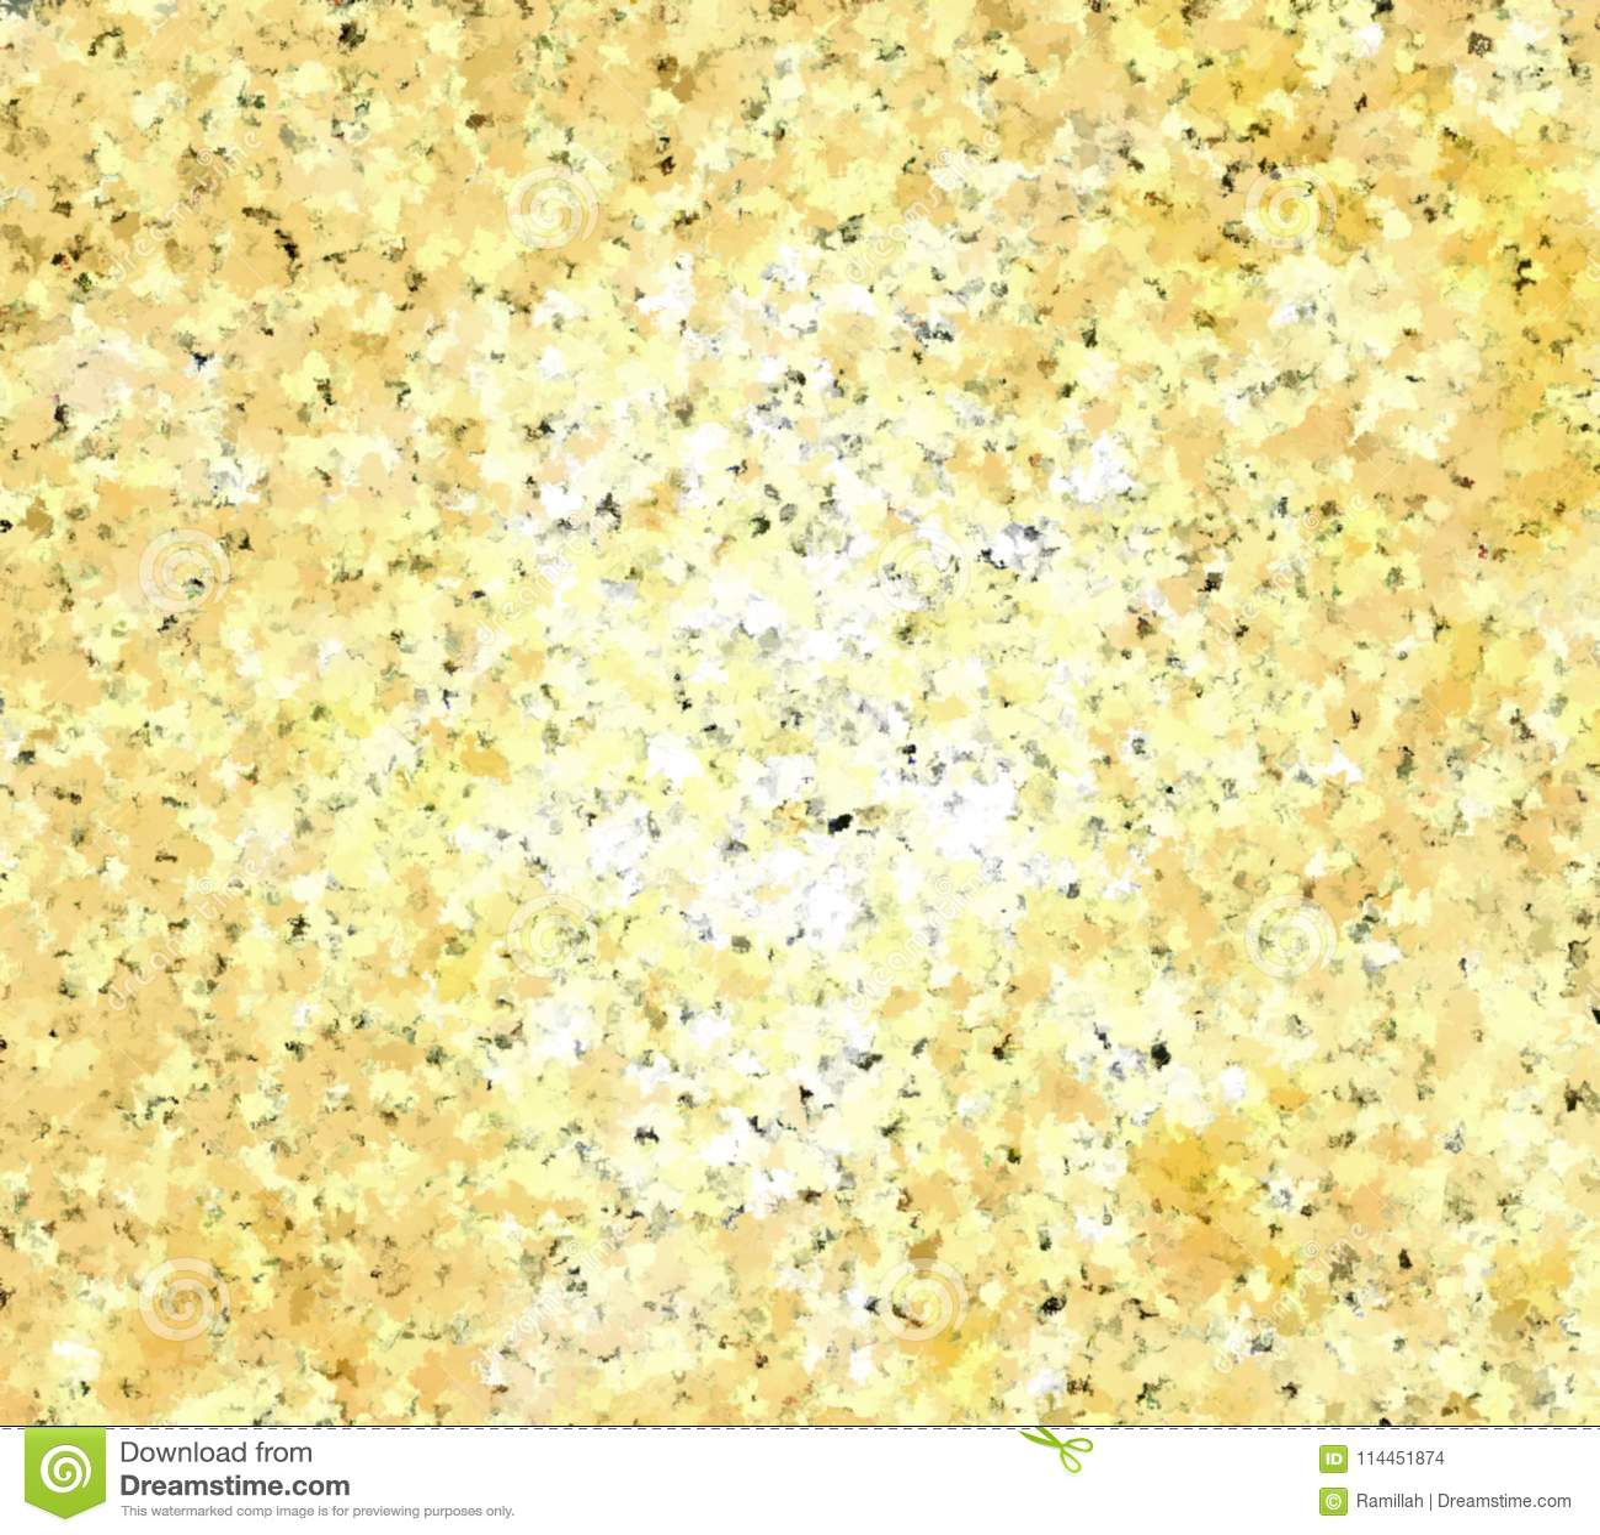 Ψηφιακή σύσταση γρανίτη ζωγραφικής αφηρημένη στο ανοικτό κίτρινο μπεζ υπόβαθρο χρώματος